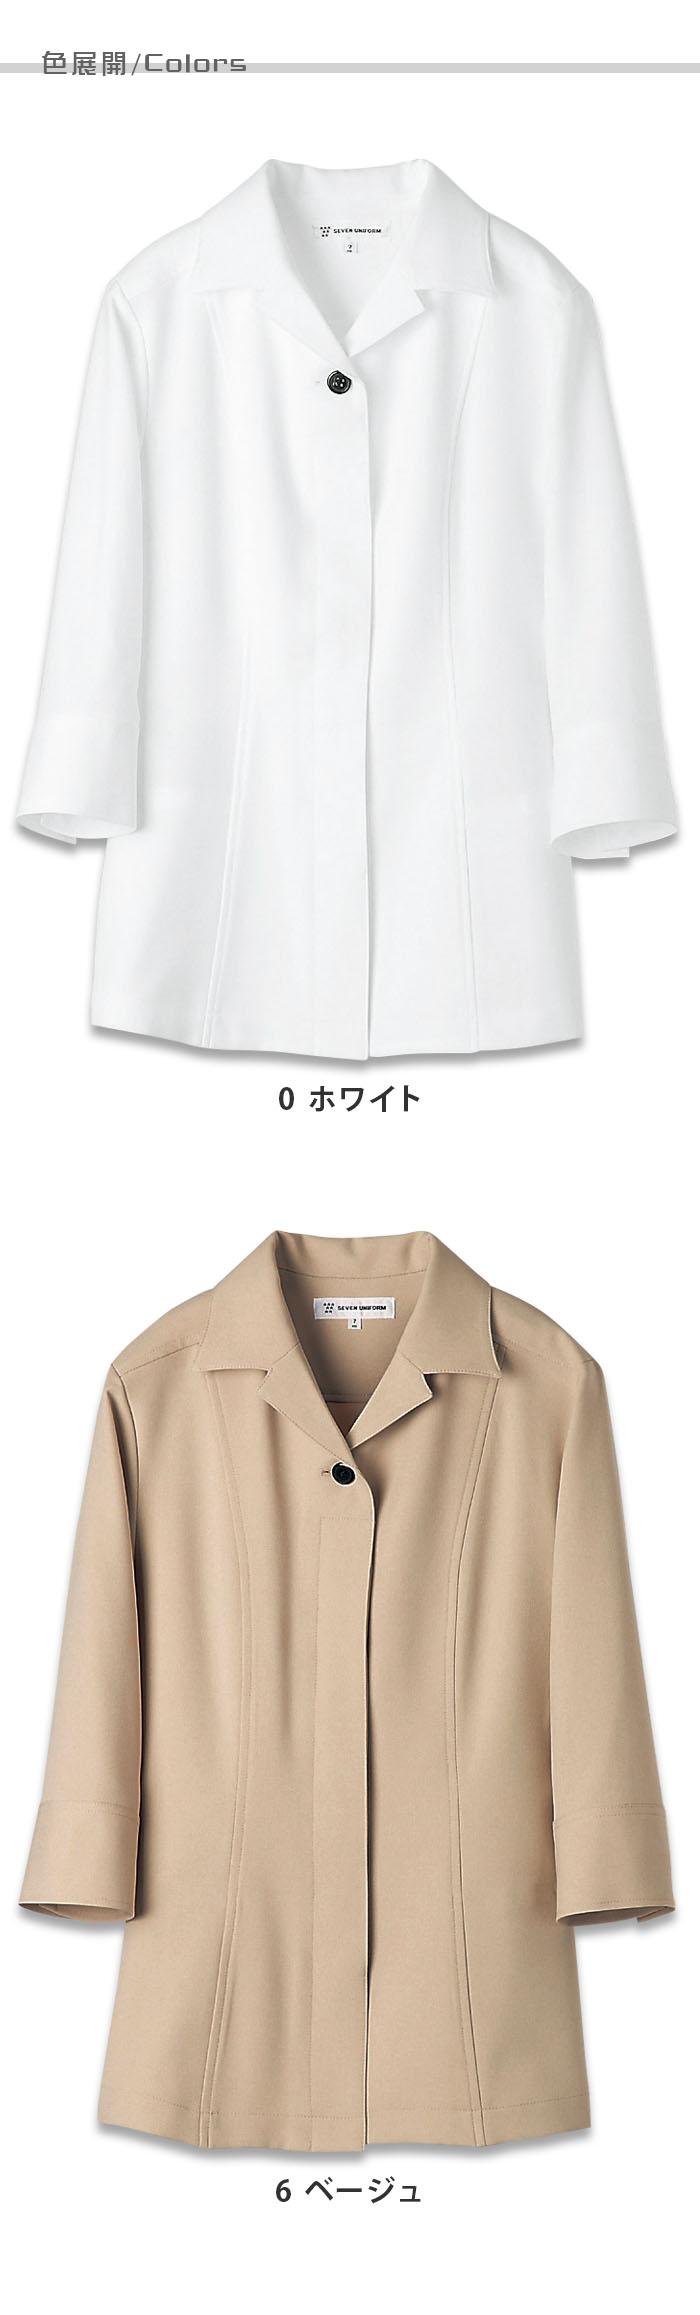 飲食店販売店制服 すっきりとした美しいシルエットの防寒用コート【2色】女性用